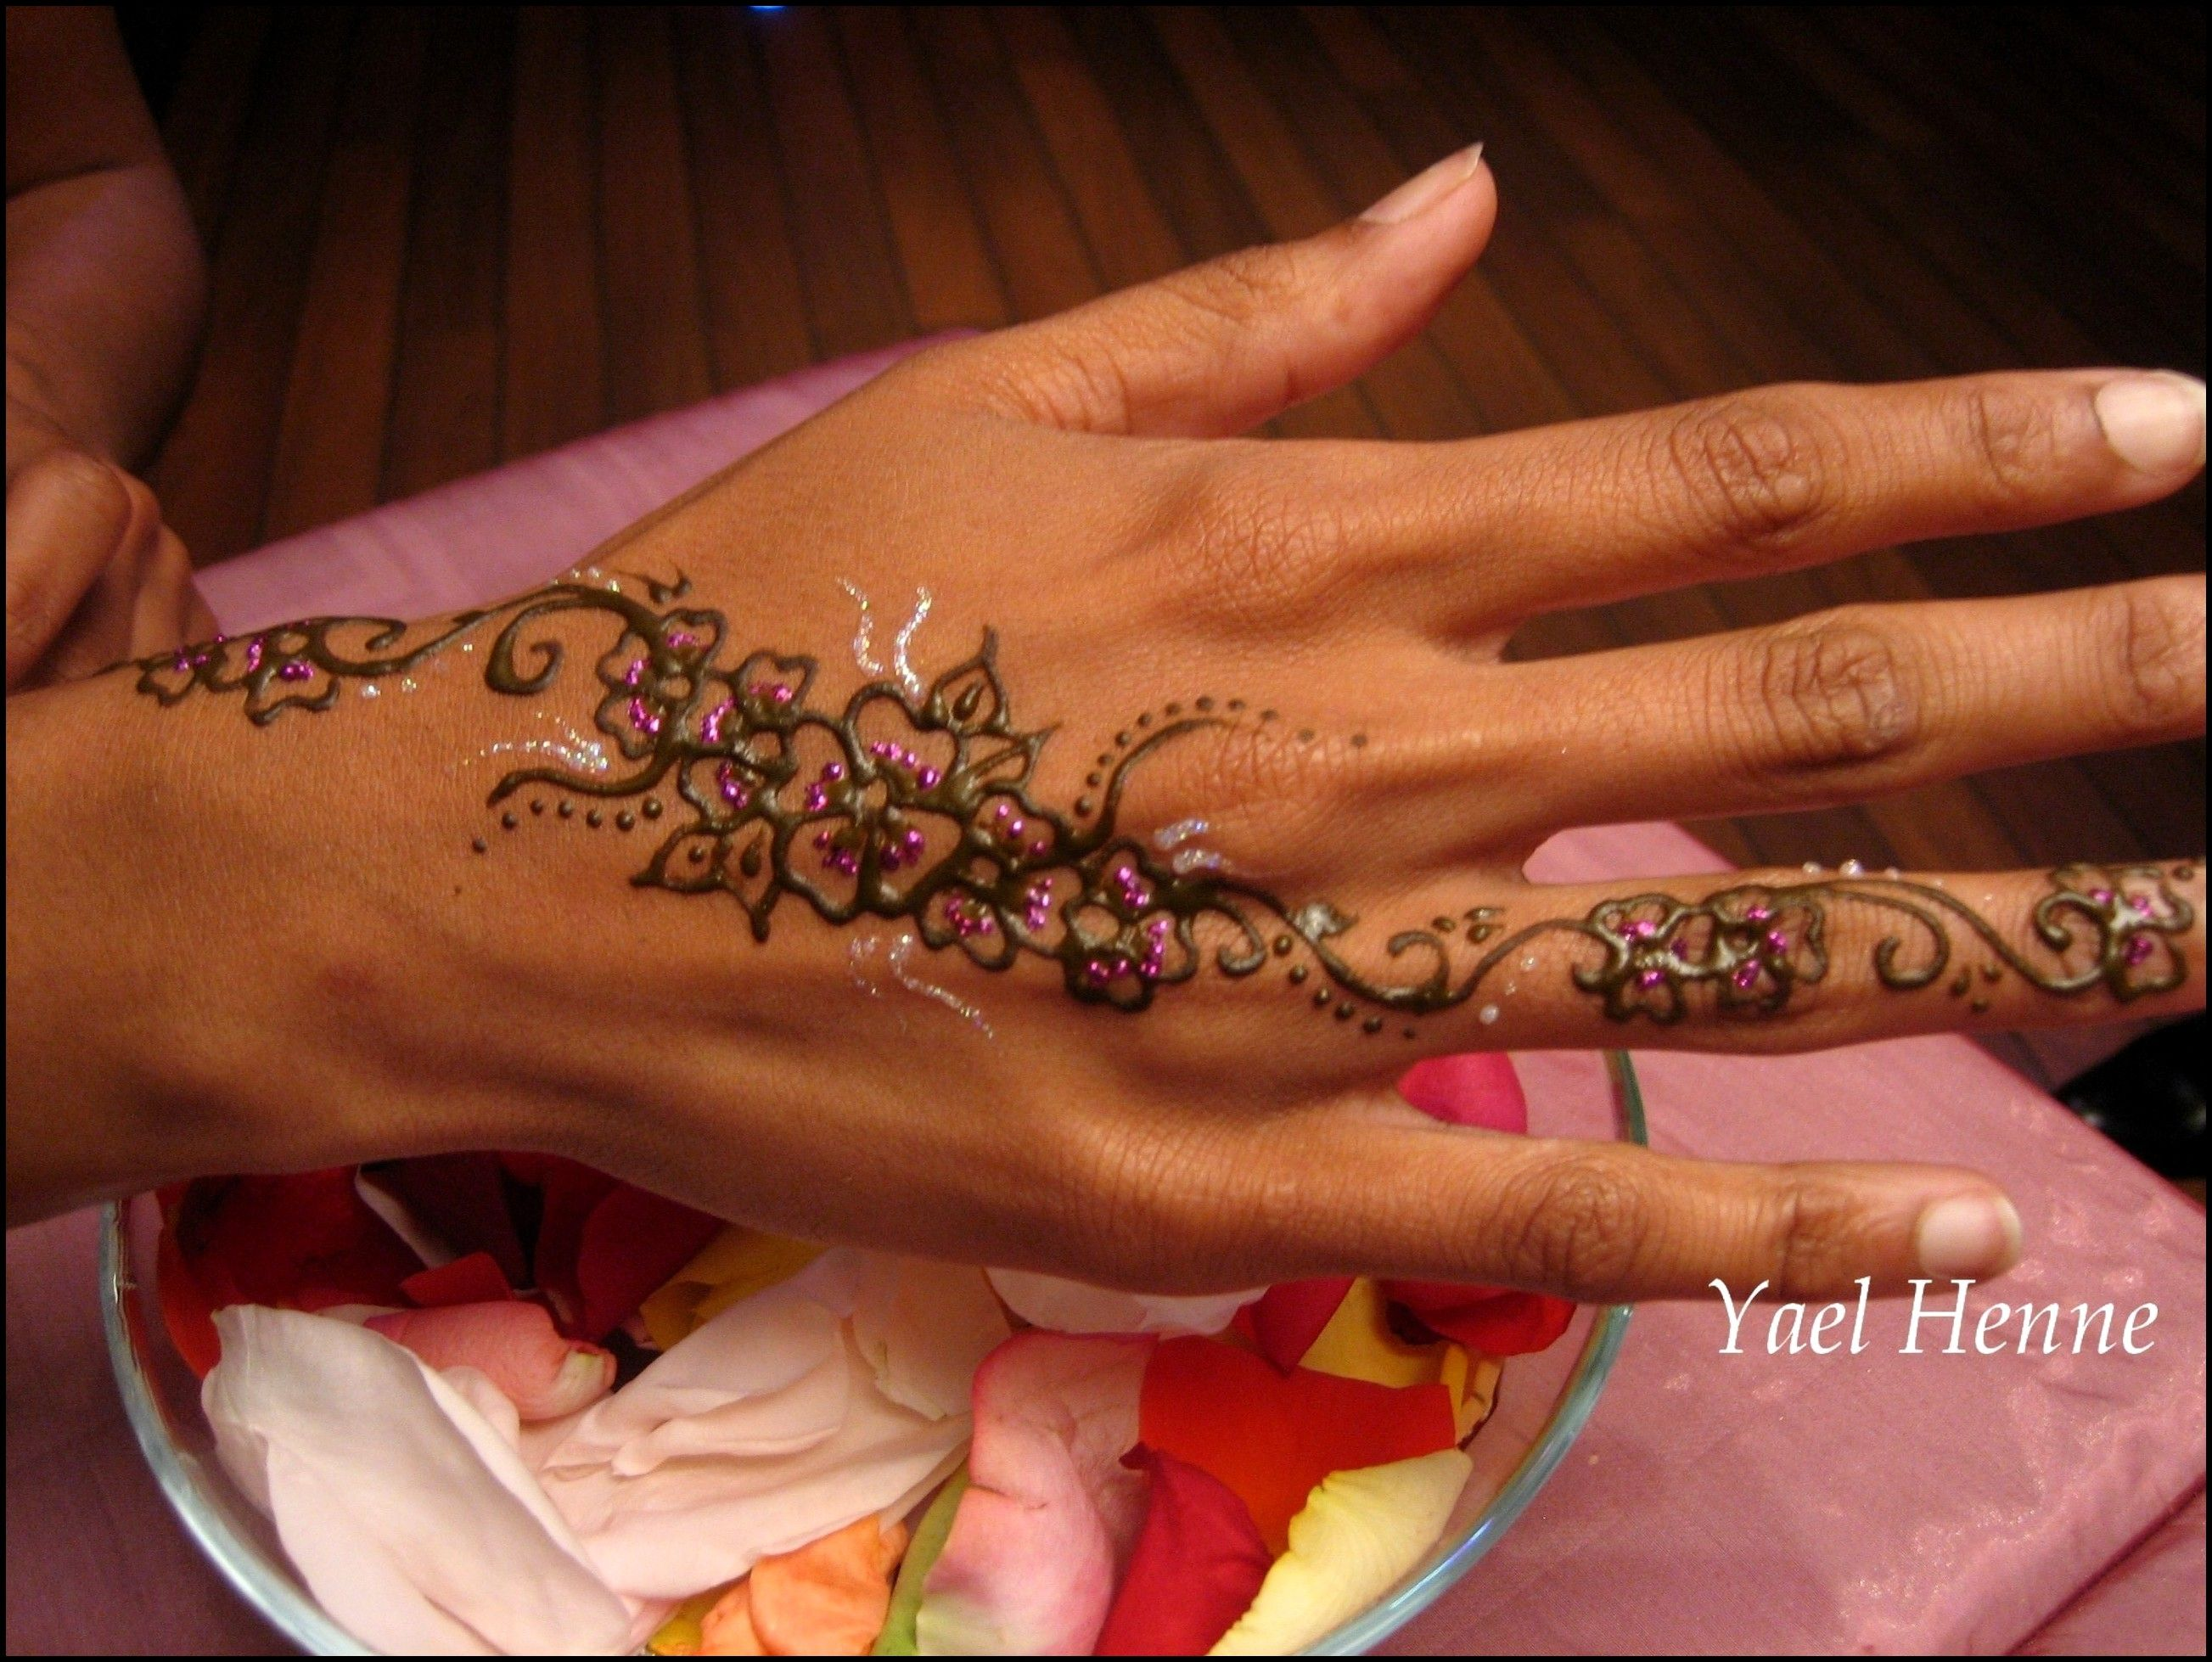 Dessin au henn et henn rose dessin au henne - Dessin de henne pour les mains ...